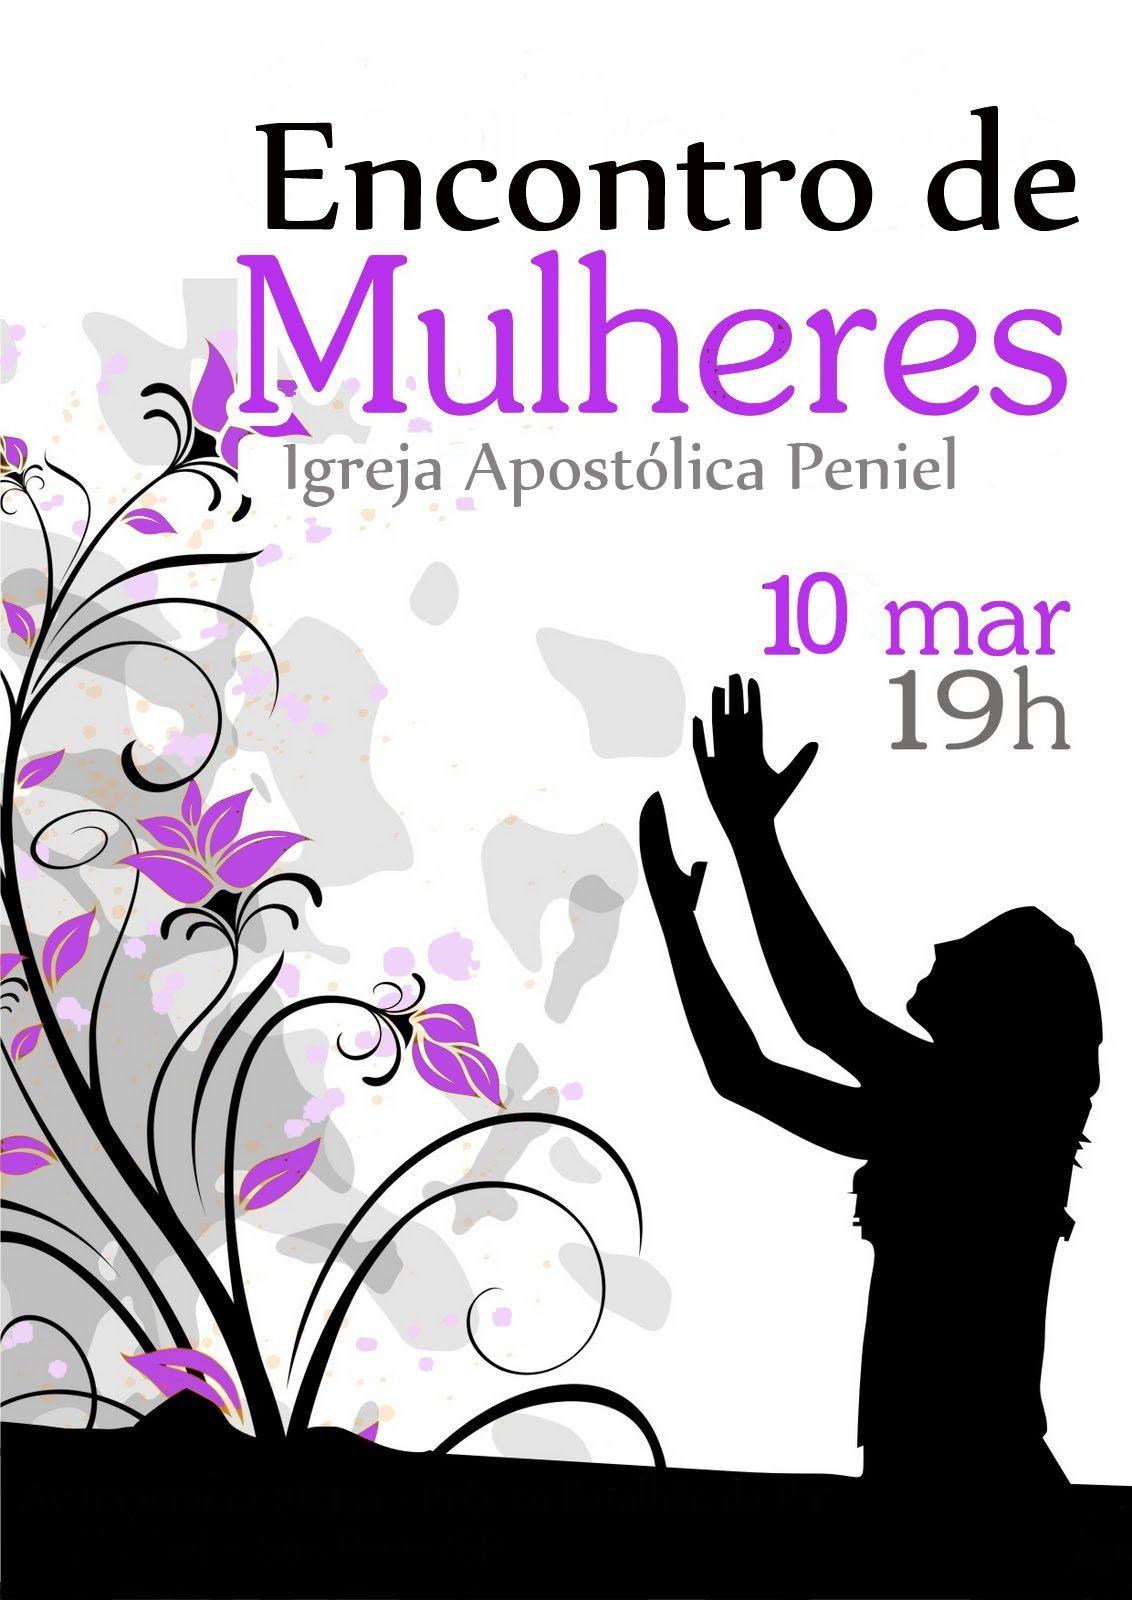 Banner Culto De Mulheres Culto De Mulheres Rede De Mulheres